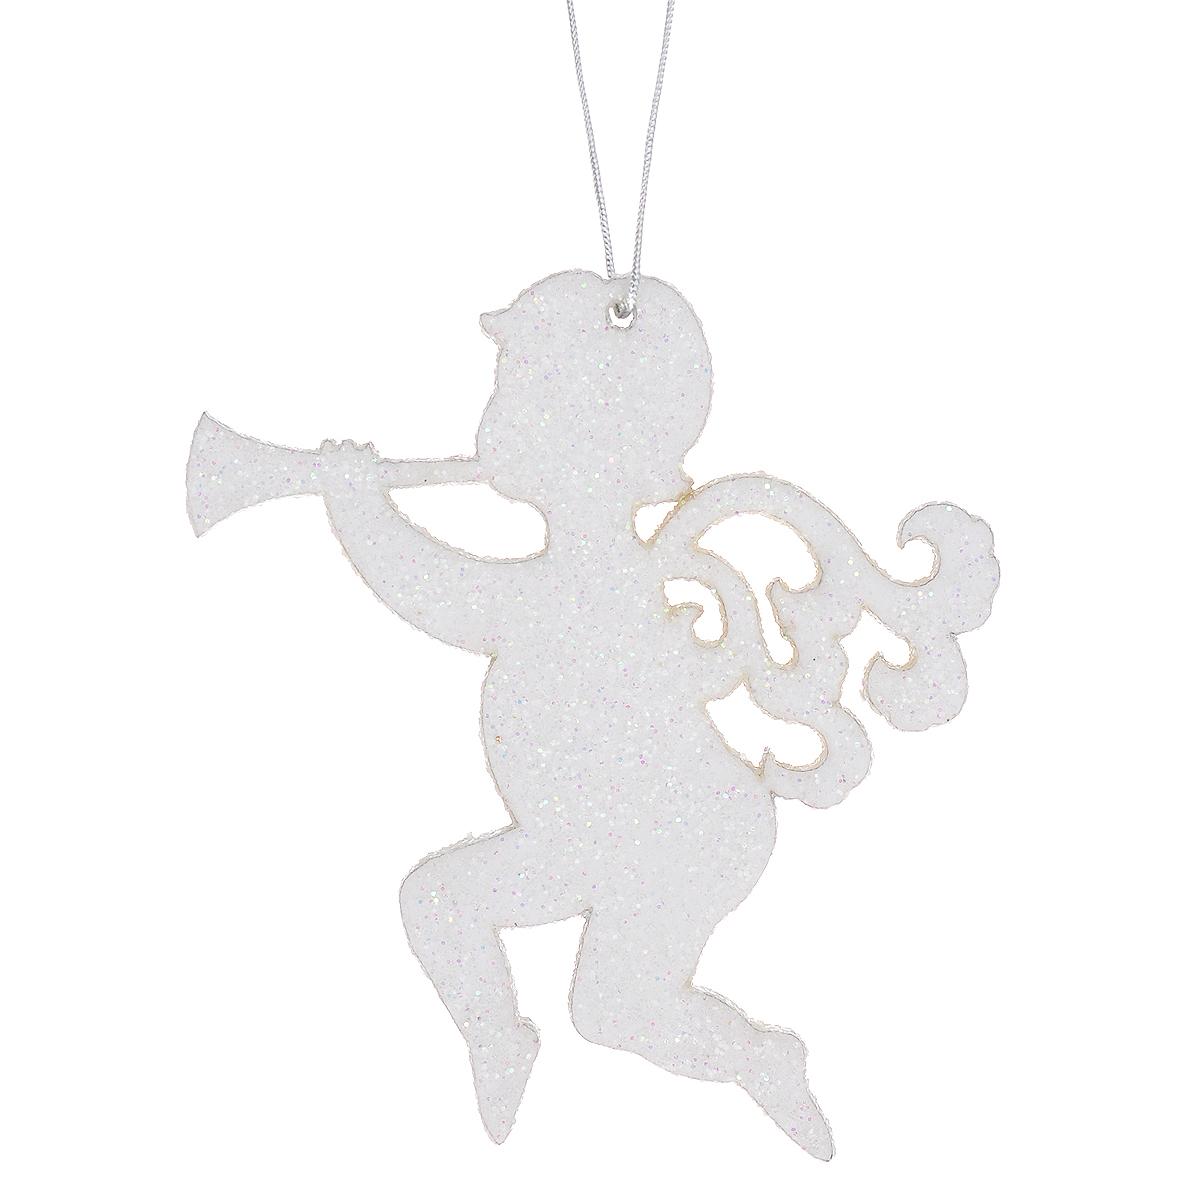 Новогоднее подвесное украшение Ангел с дудочкой, цвет: белый. 3530735307Оригинальное новогоднее украшение в виде ангела прекрасно подойдет для праздничного декора дома и новогодней ели. С помощью специальной петельки его можно повесить в любом понравившемся вам месте. Но, конечно, удачнее всего такая игрушка будет смотреться на праздничной елке. Елочная игрушка - символ Нового года и Рождества. Она несет в себе волшебство и красоту праздника. Создайте в своем доме атмосферу веселья и радости, украшая новогоднюю елку нарядными игрушками, которые будут из года в год накапливать теплоту воспоминаний.